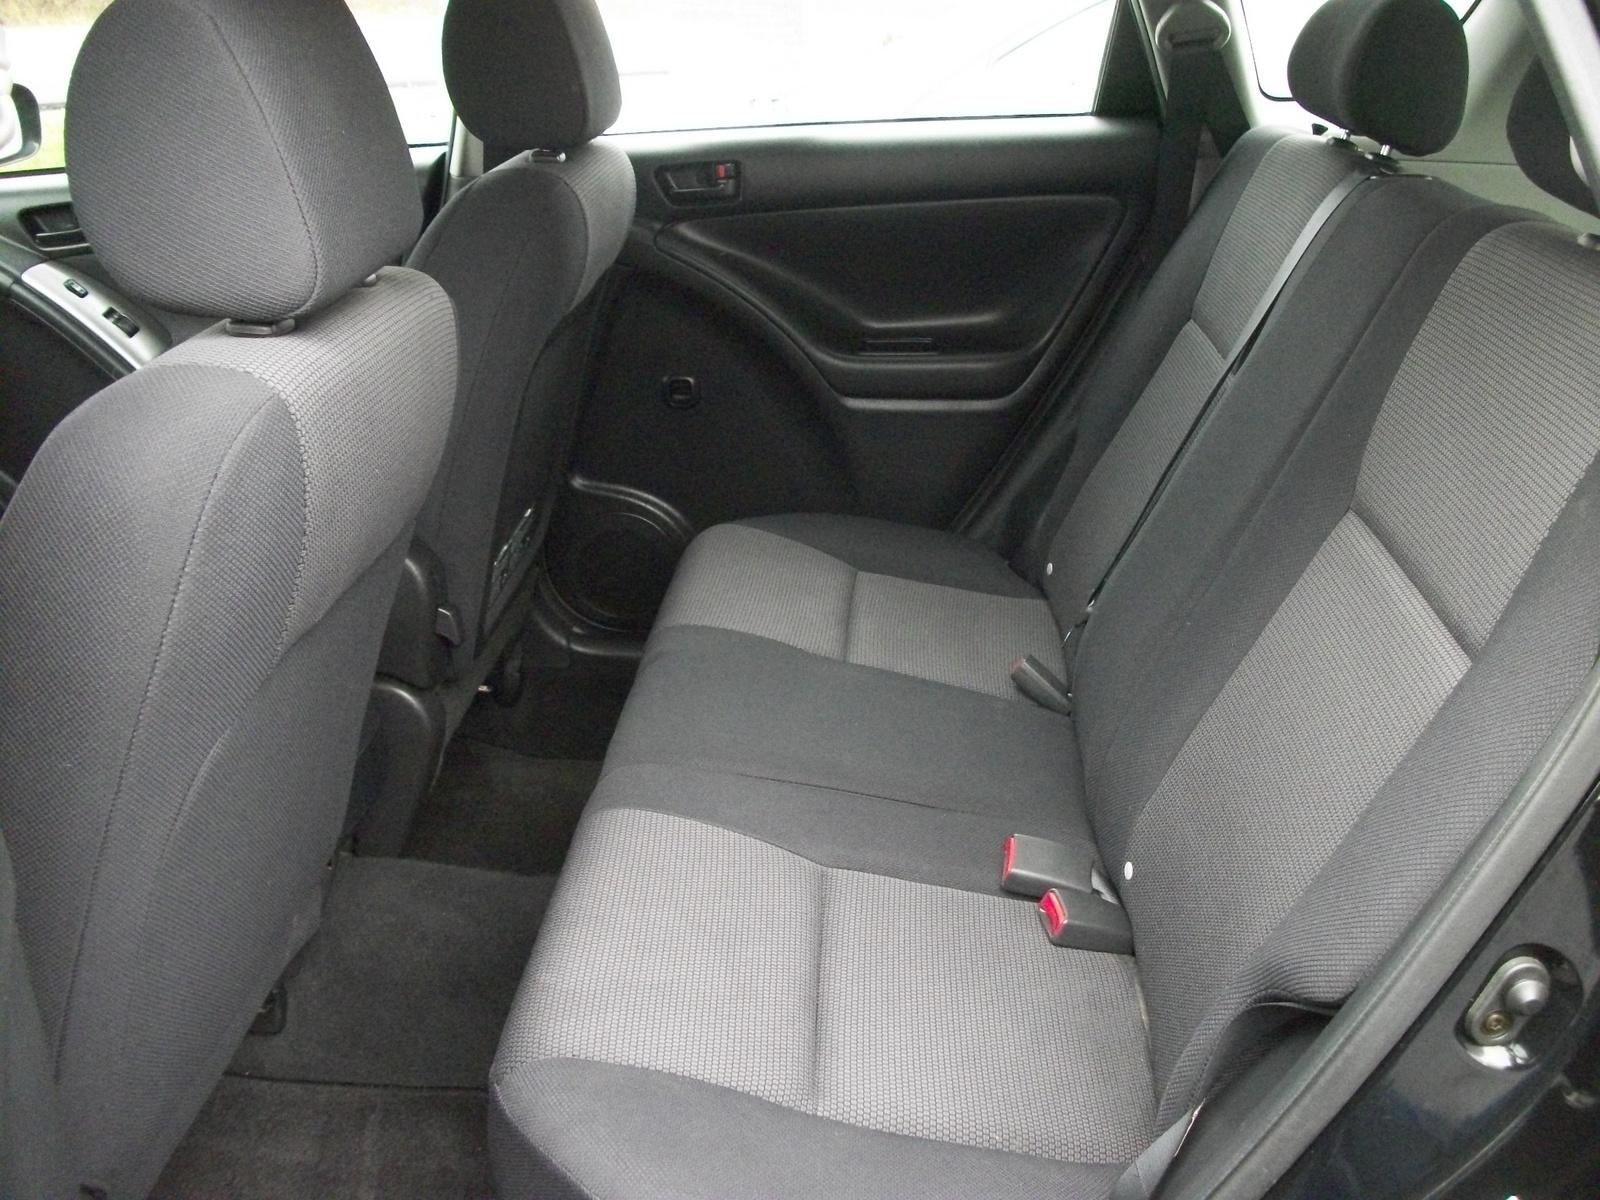 2005 Pontiac Vibe Pictures Cargurus